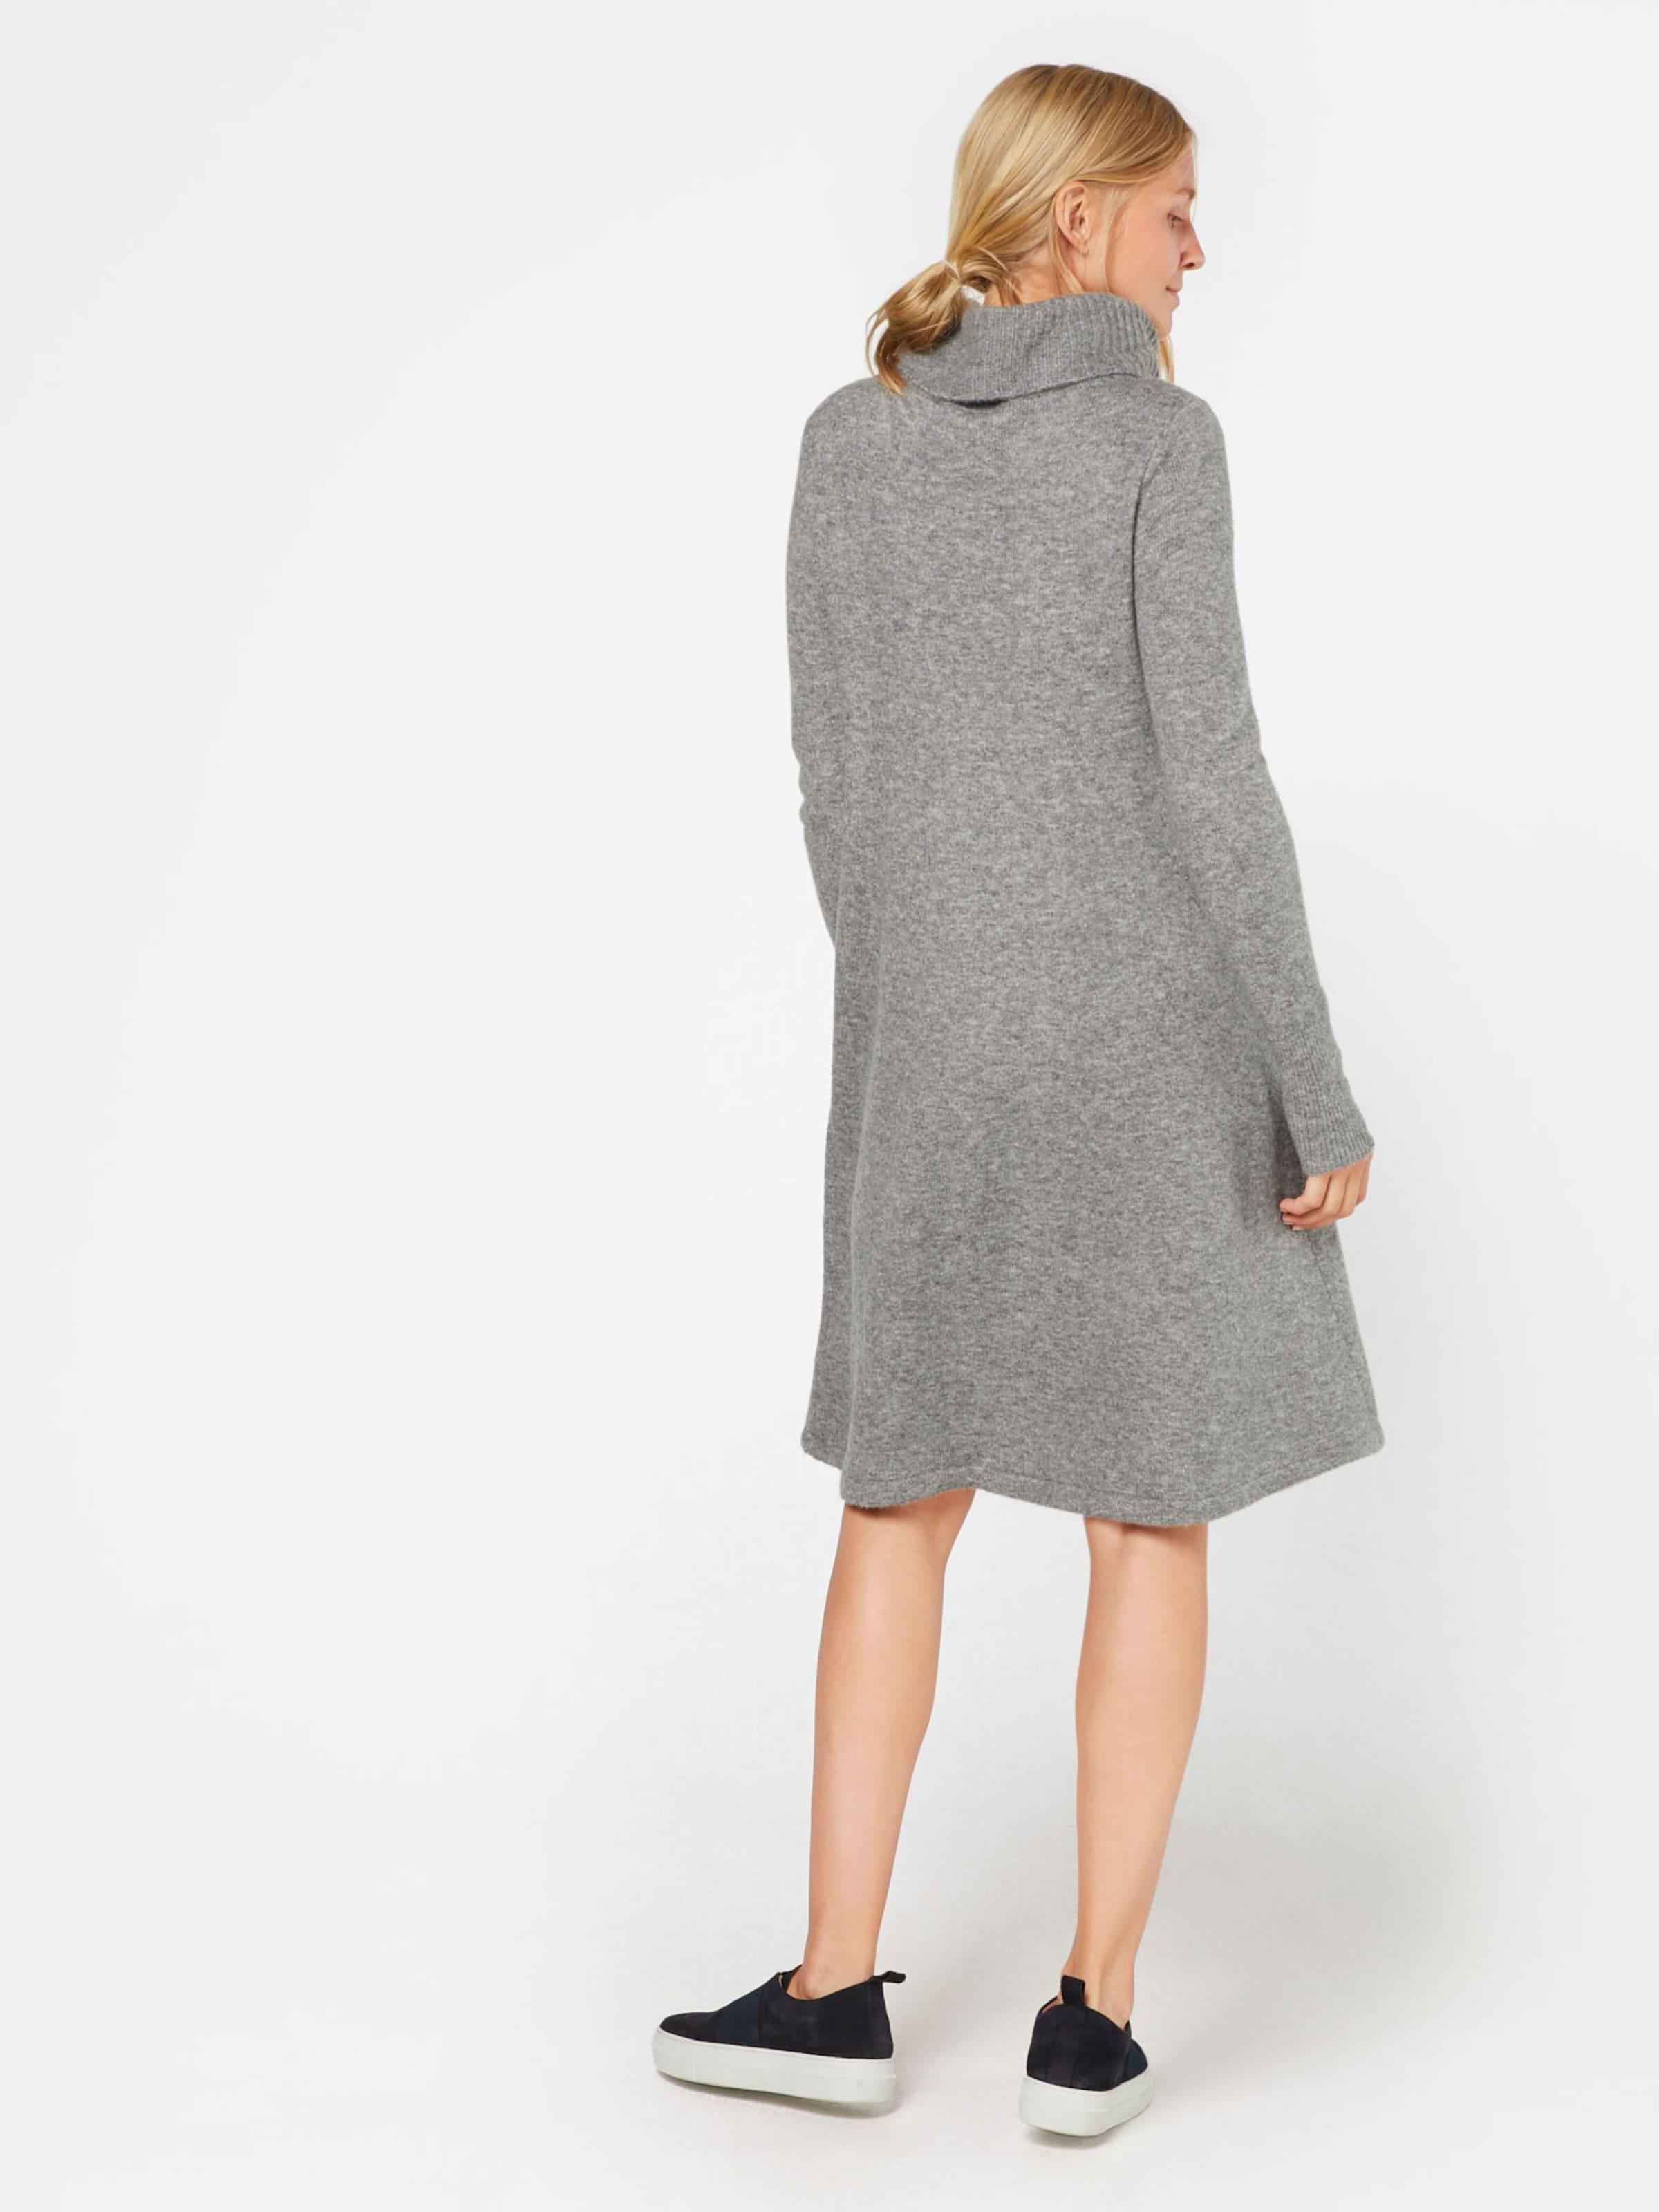 ESPRIT Kleid mit Rollkragen Niedrig Versandkosten Günstig Online aviR9JW